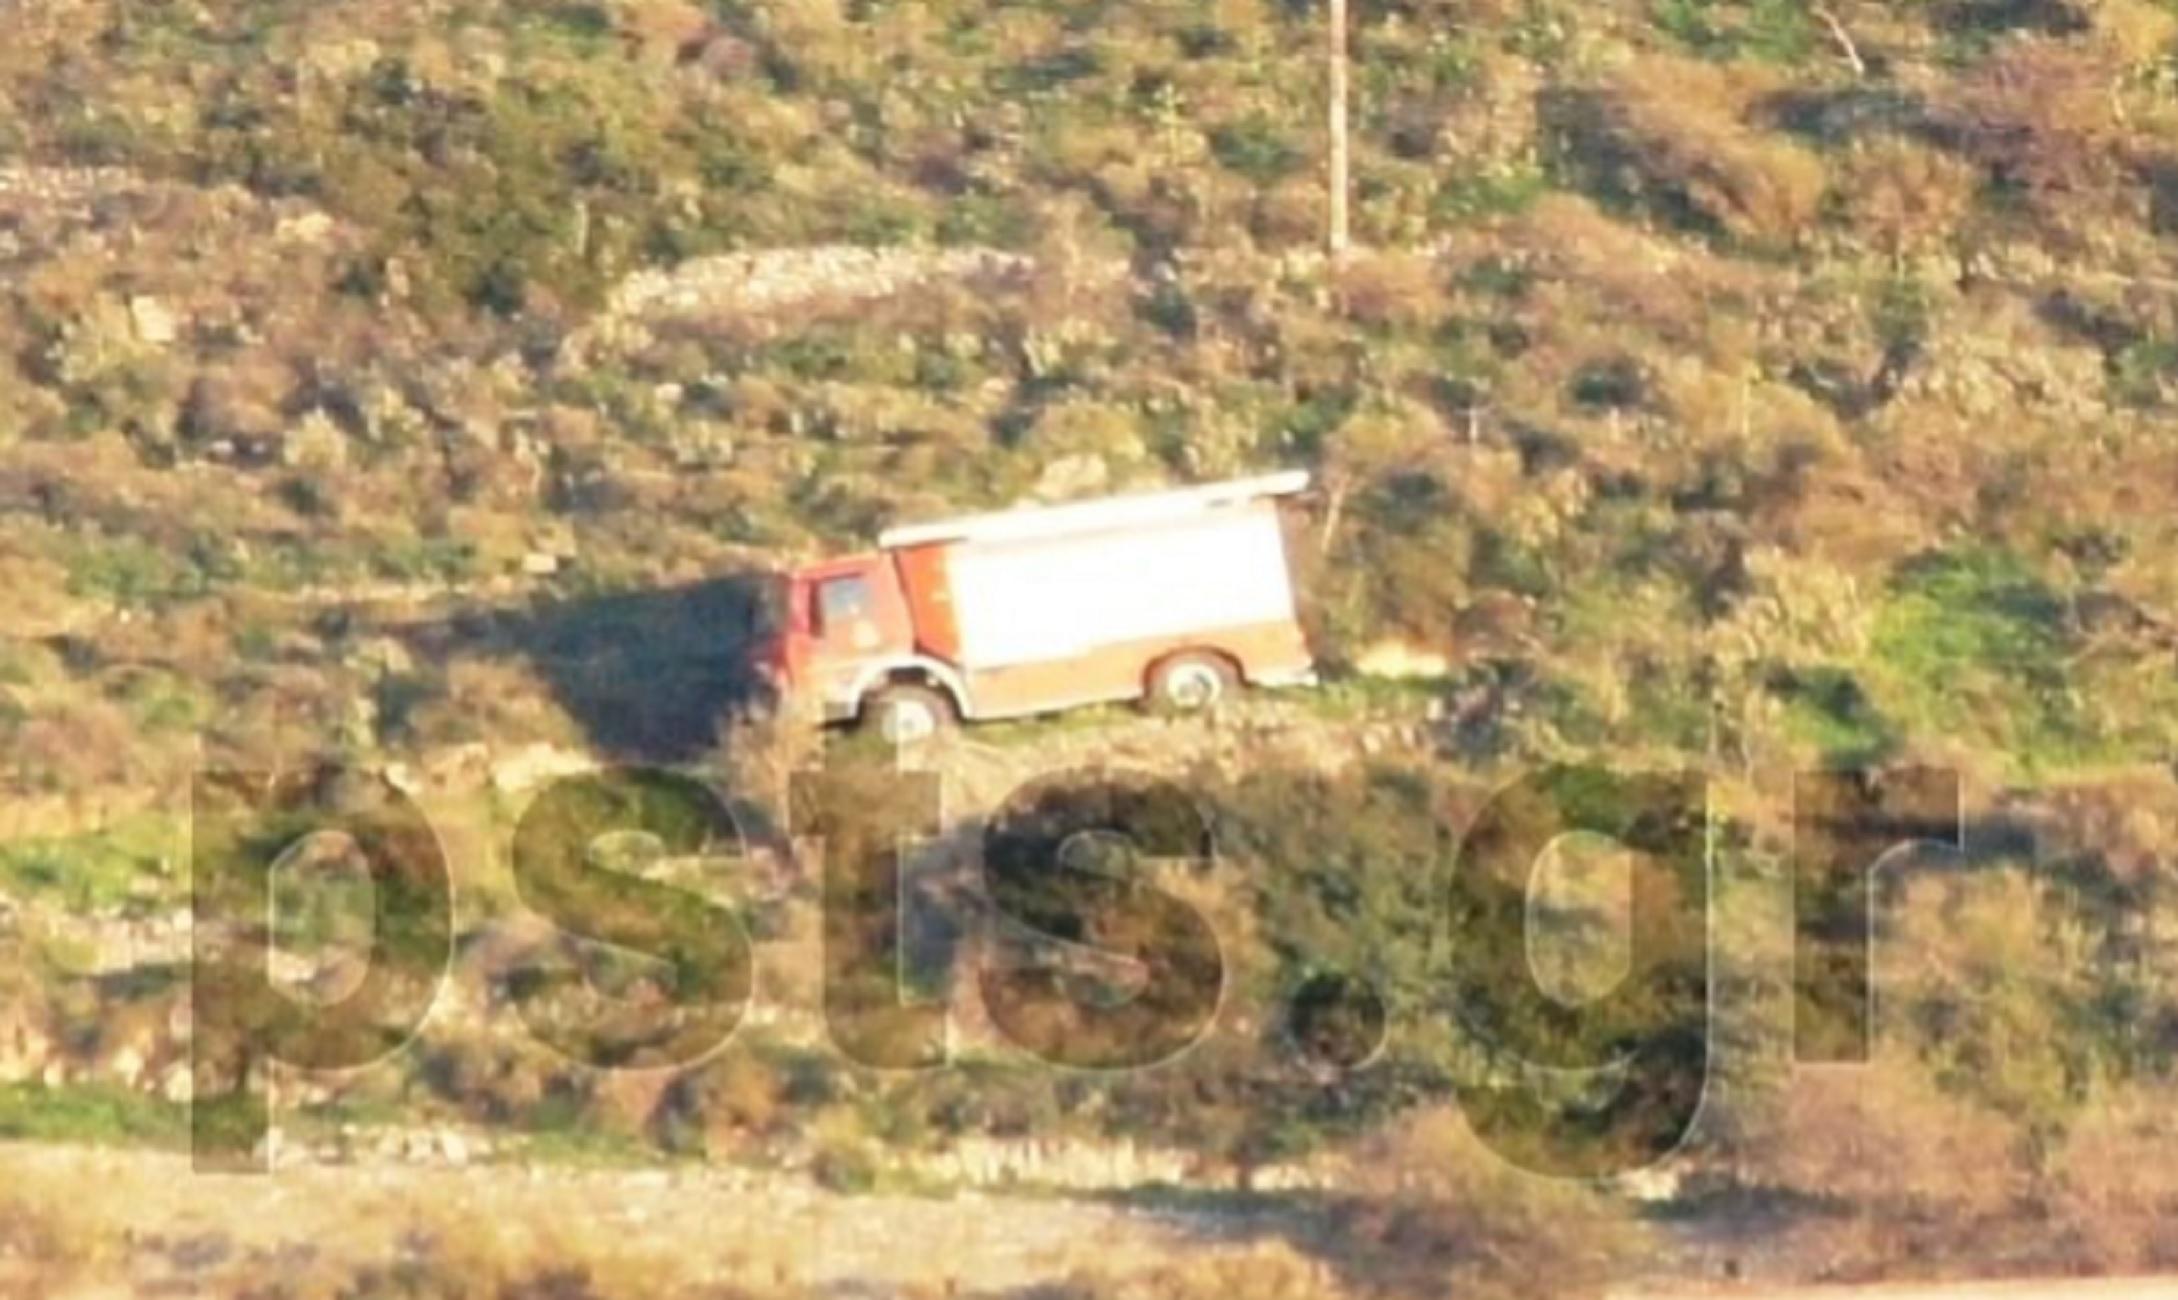 Πάρος: Νέα στοιχεία για το πτώμα άντρα στην Παροικιά – Συγκίνηση και θλίψη για το θύμα (pic)